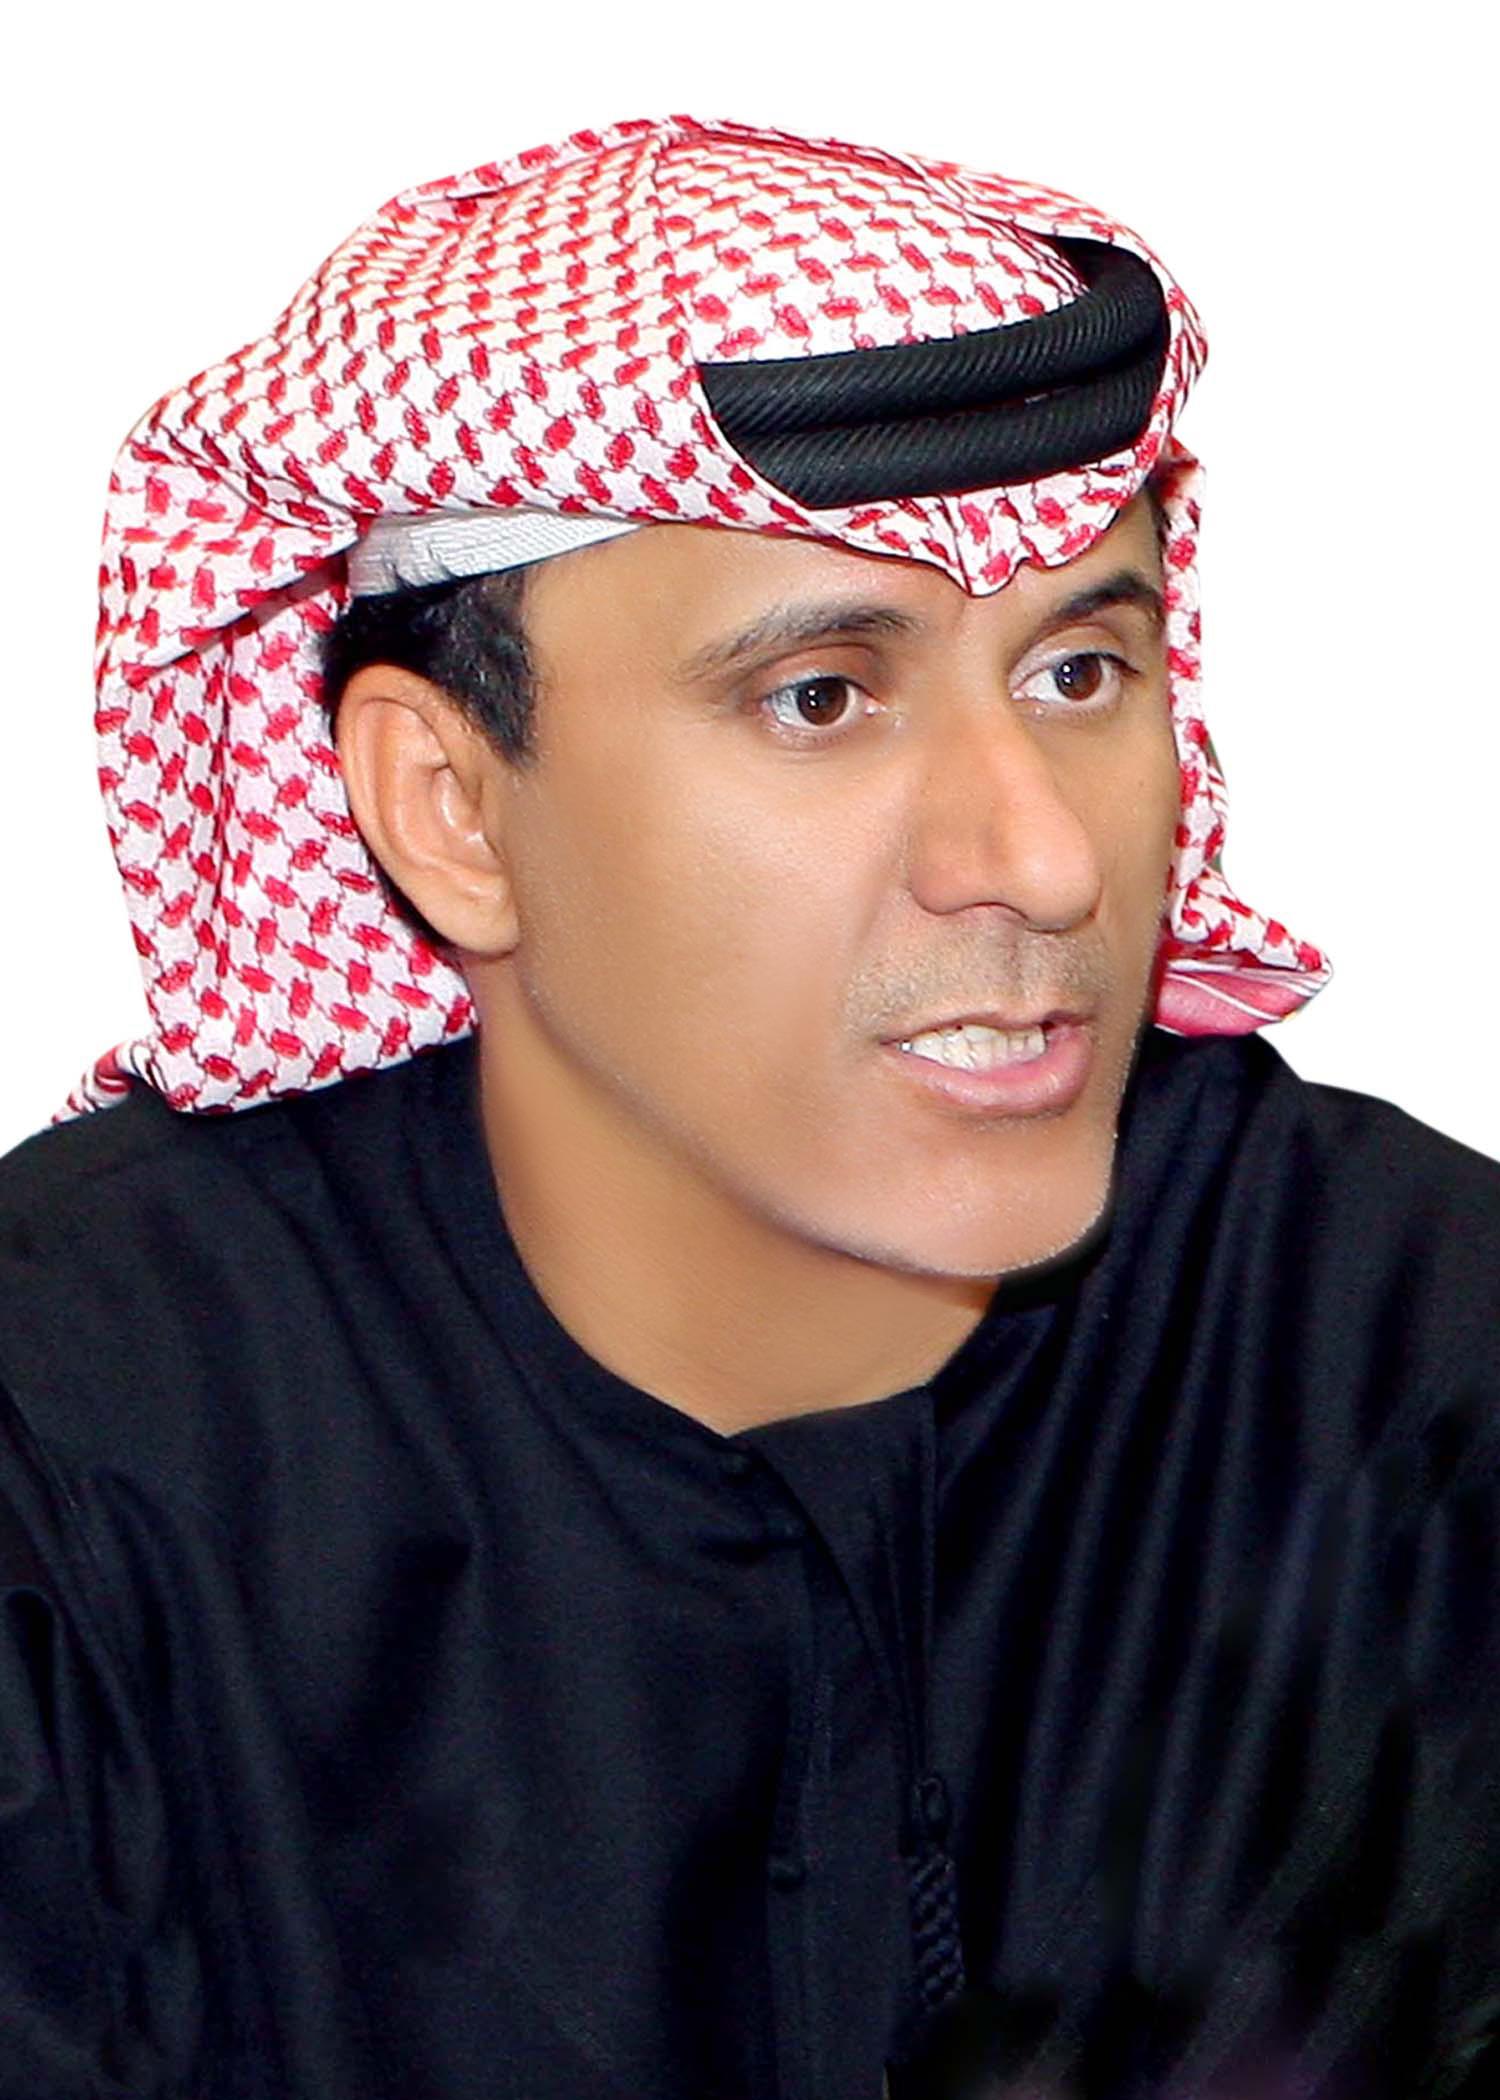 محمد بن ثعلوب: أكاديمية العلوم الرياضية بكلباء خطوة حضارية رائدة